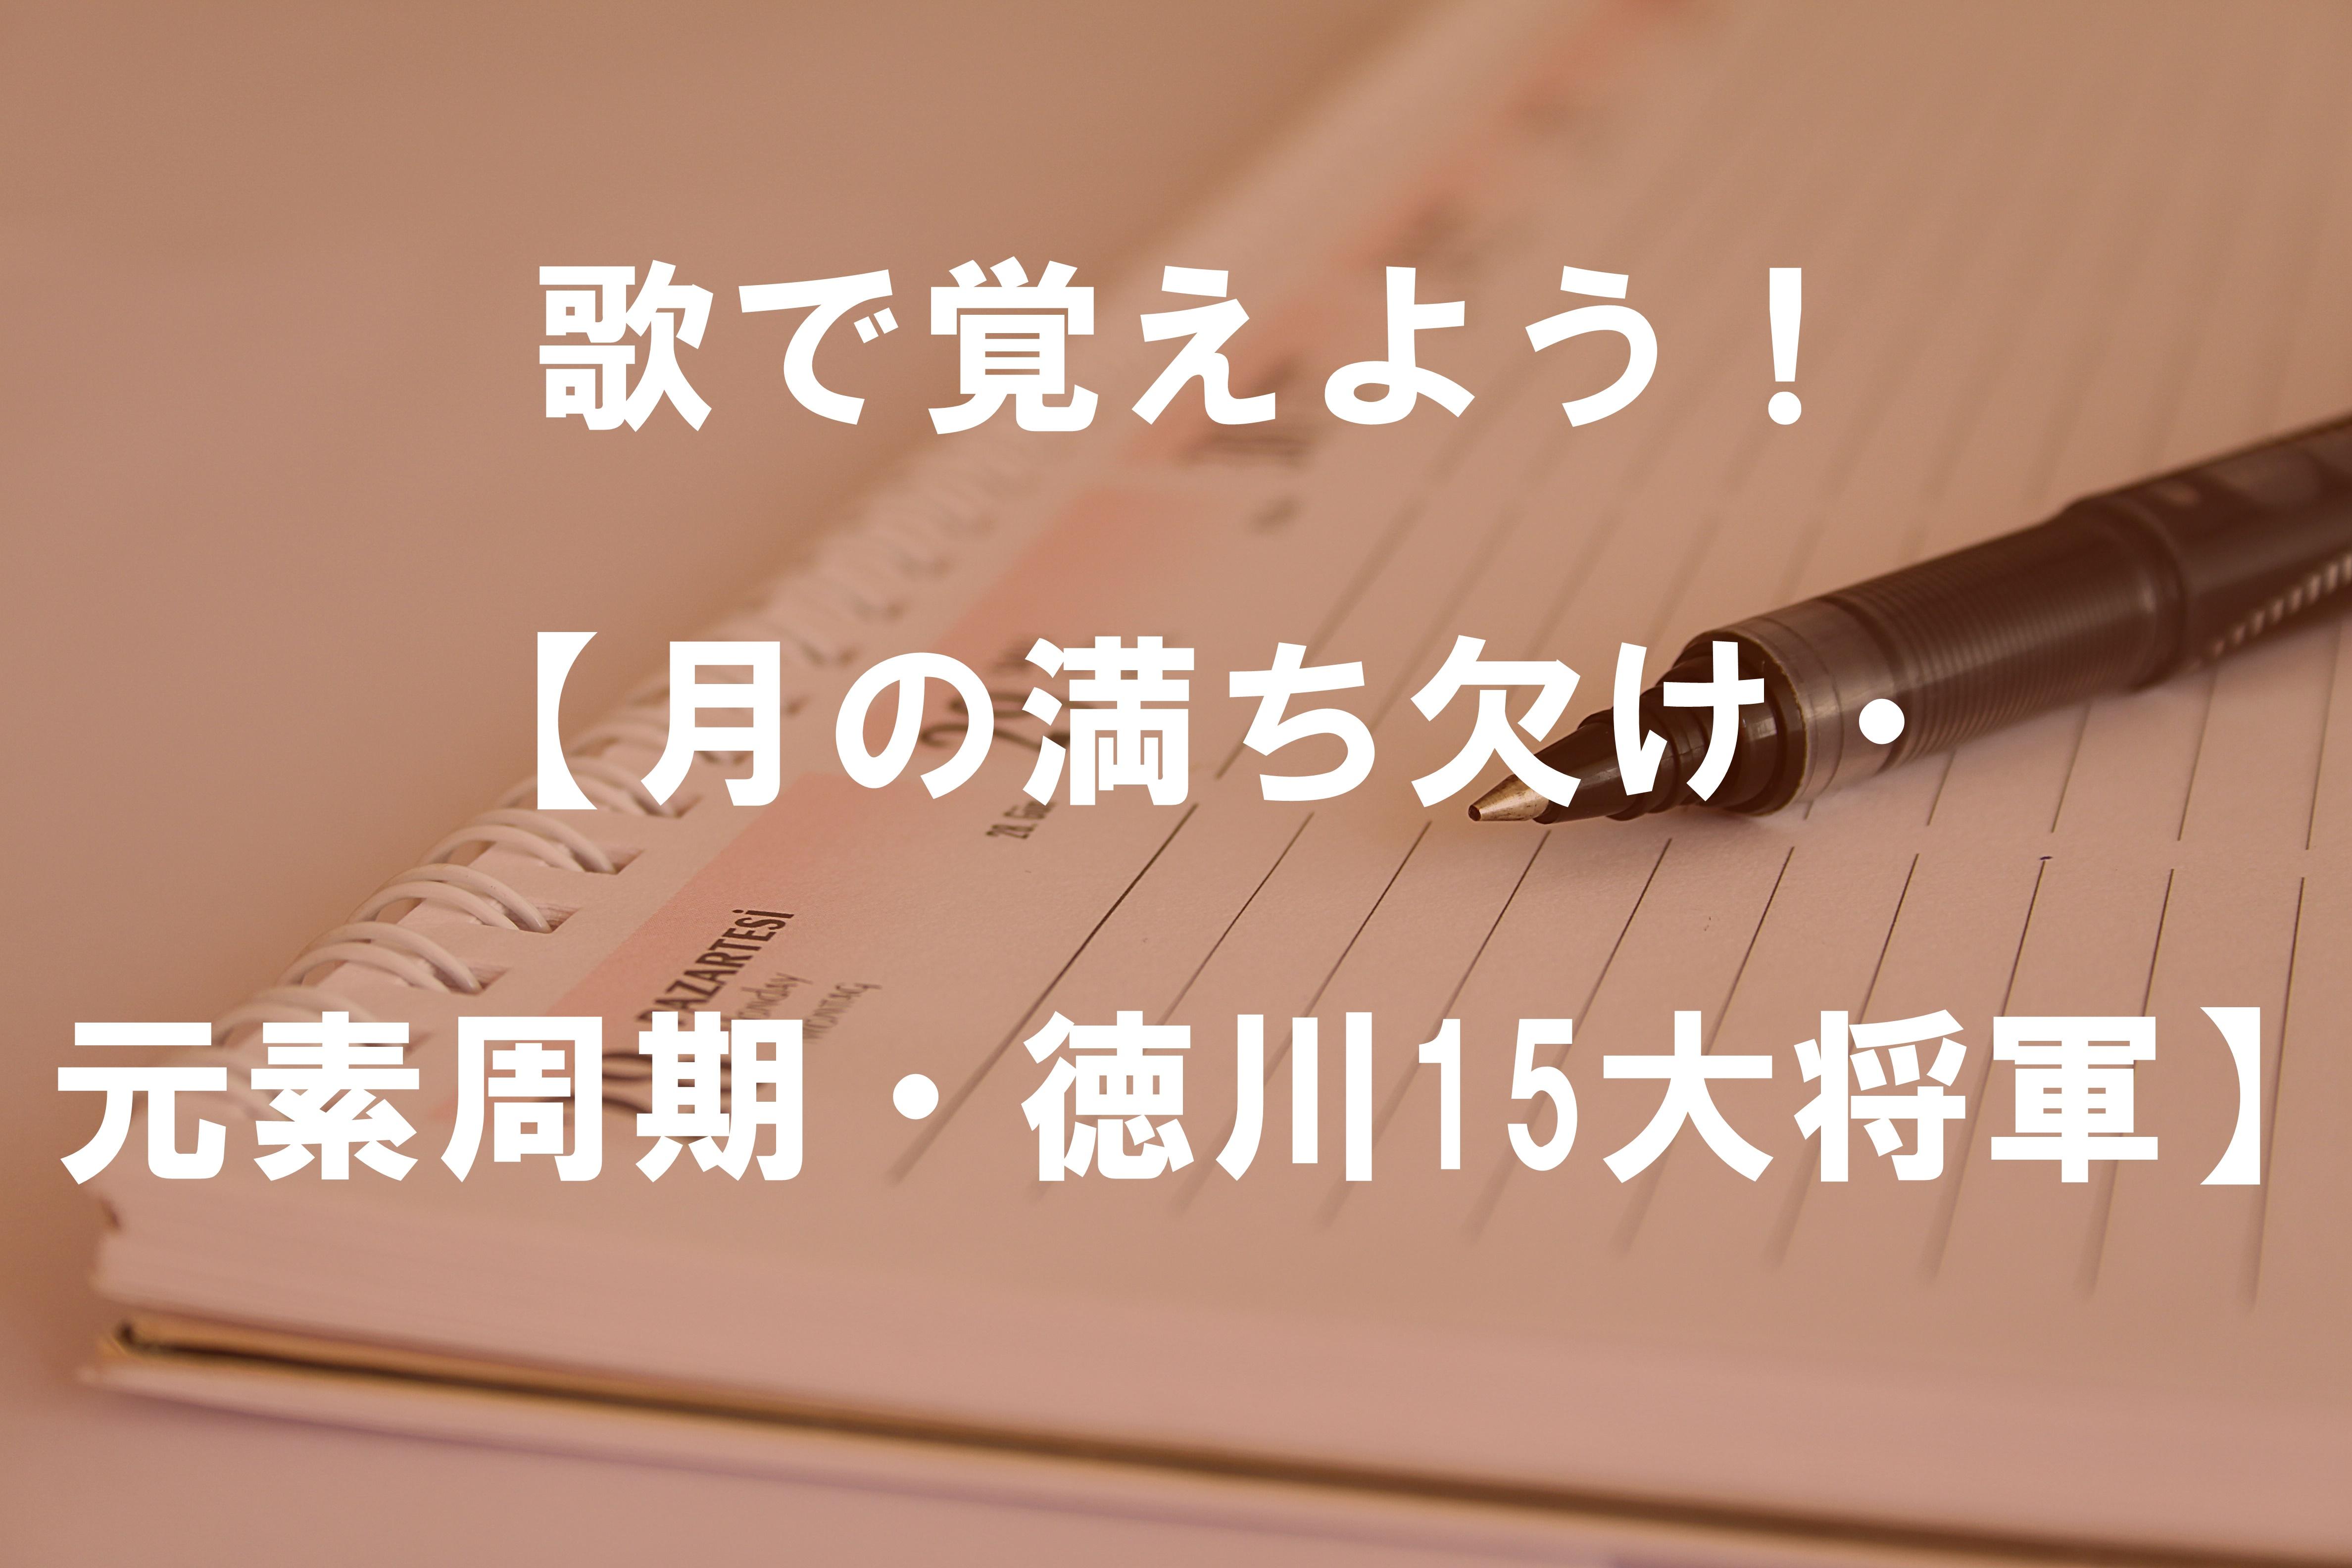 歌で覚えよう!【月の満ち欠け・元素周期・徳川15大将軍】